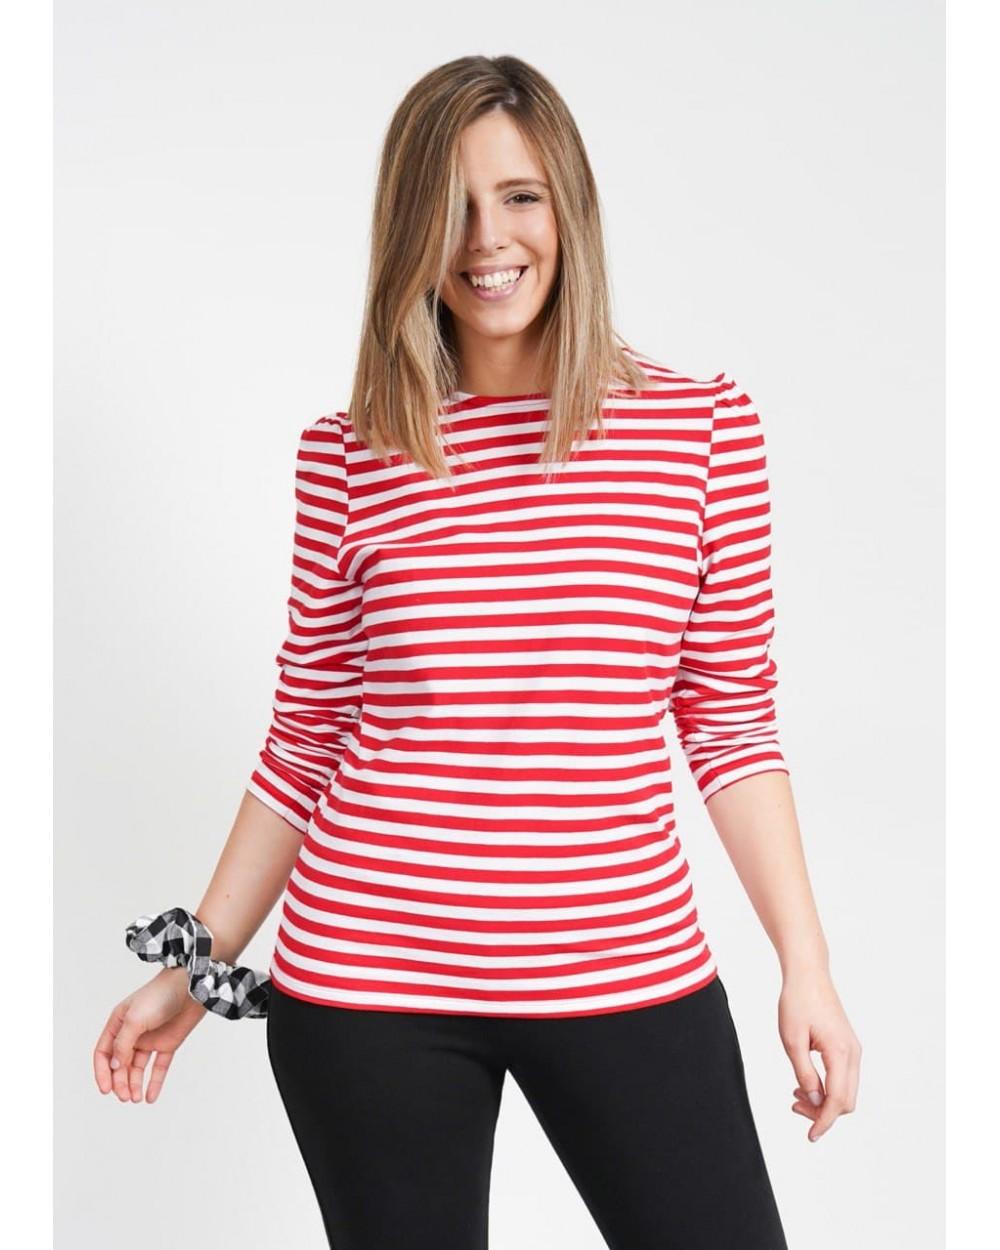 Camiseta Básica Rayas Keep Lovers roja